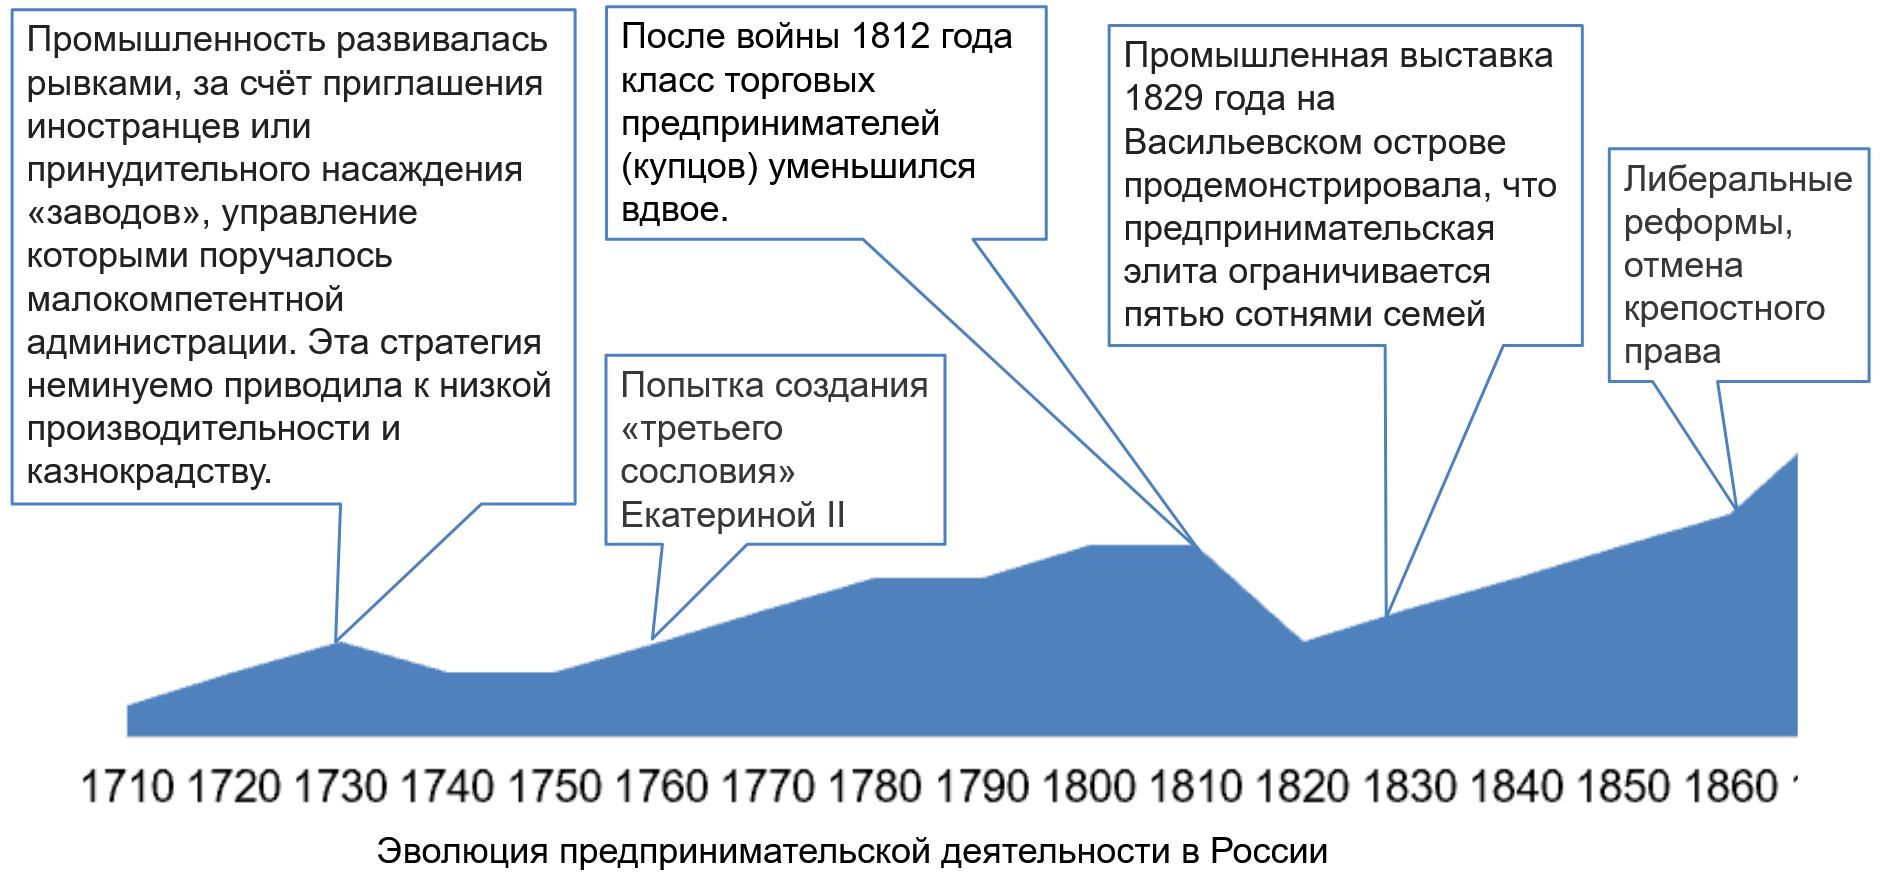 эволюция предпринмательской деятельности в России